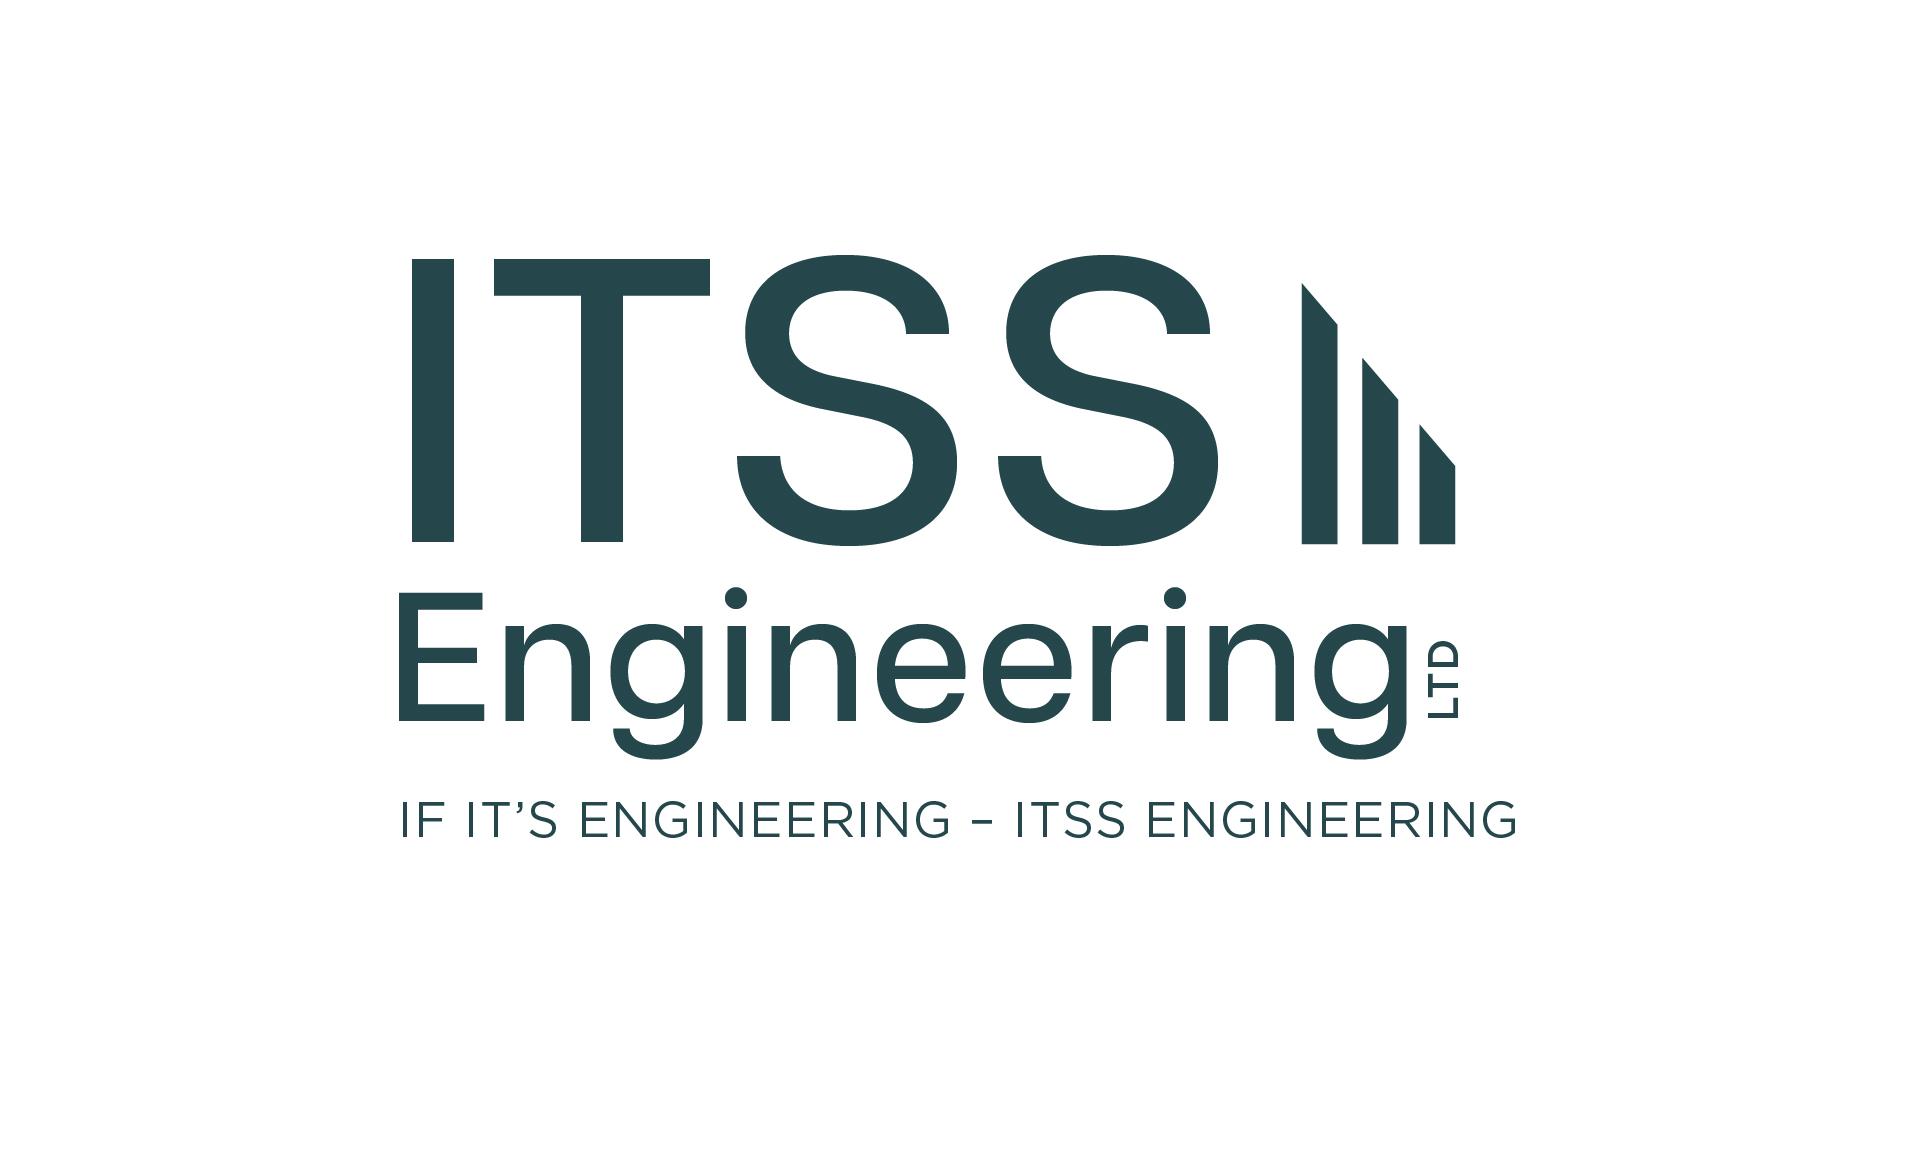 ITSS Engineering